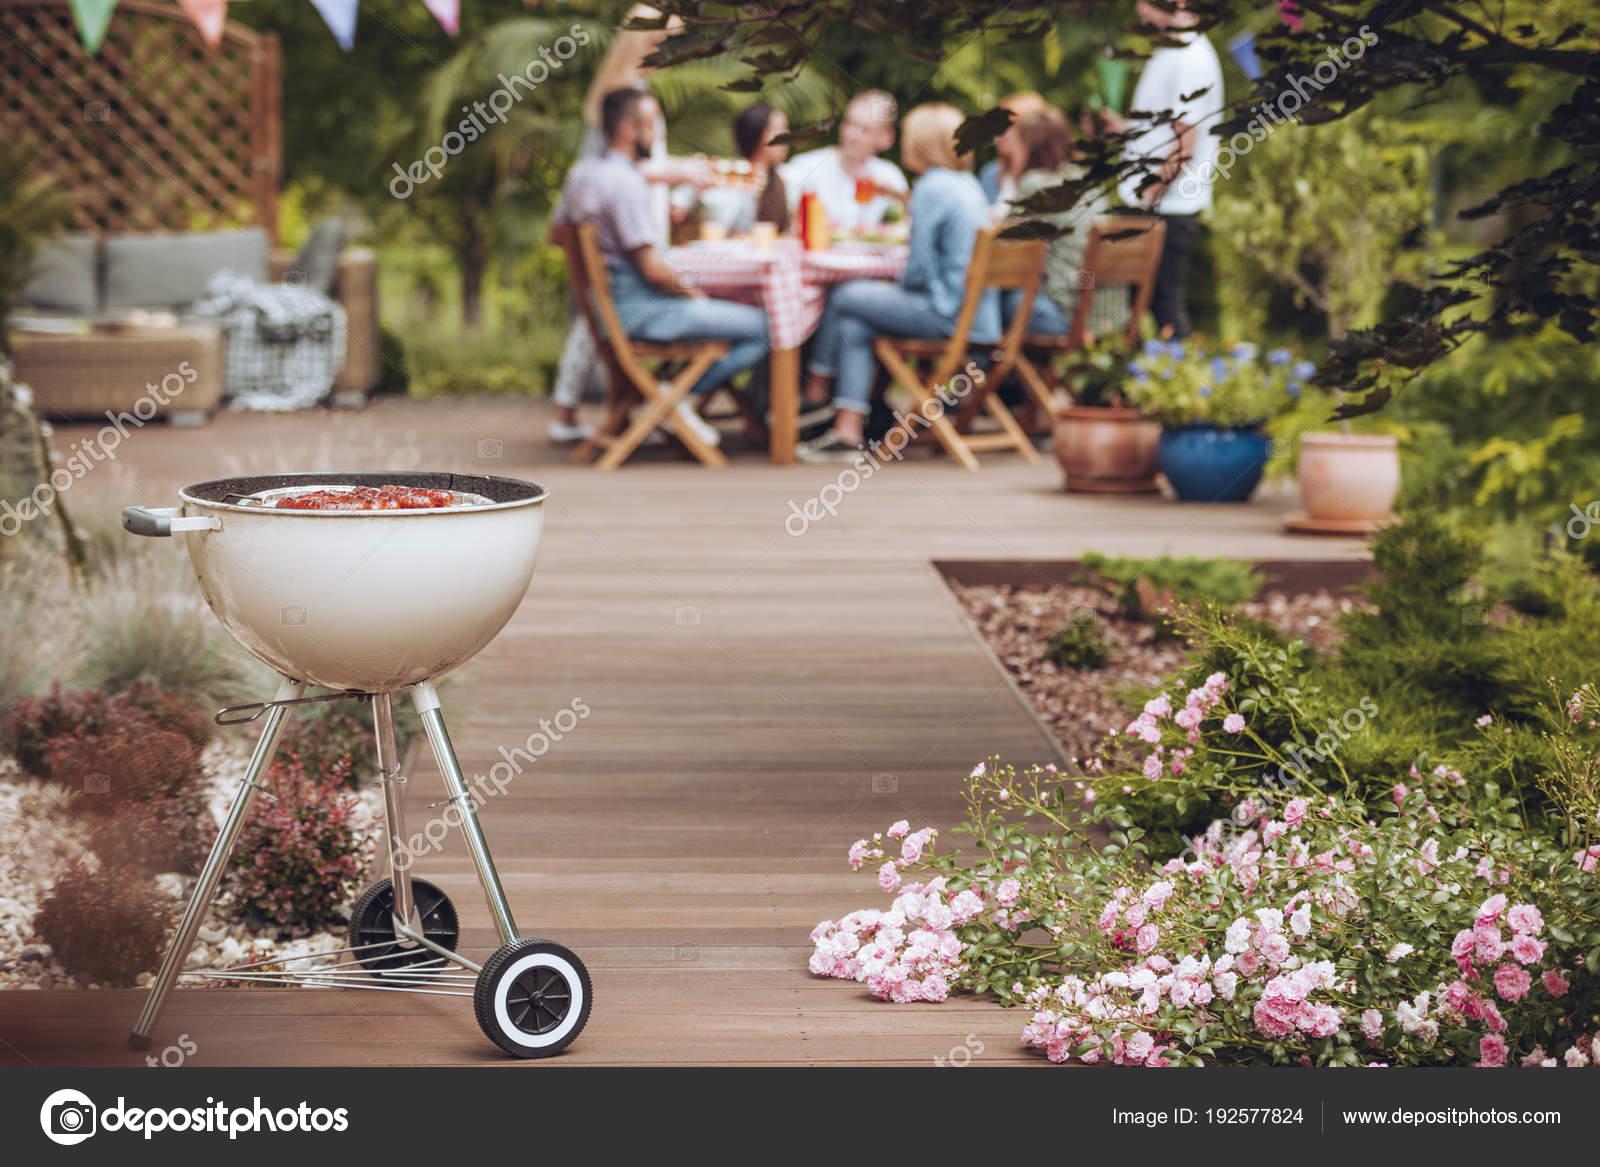 Grill in garden — Stock Photo © photographee.eu #192577824